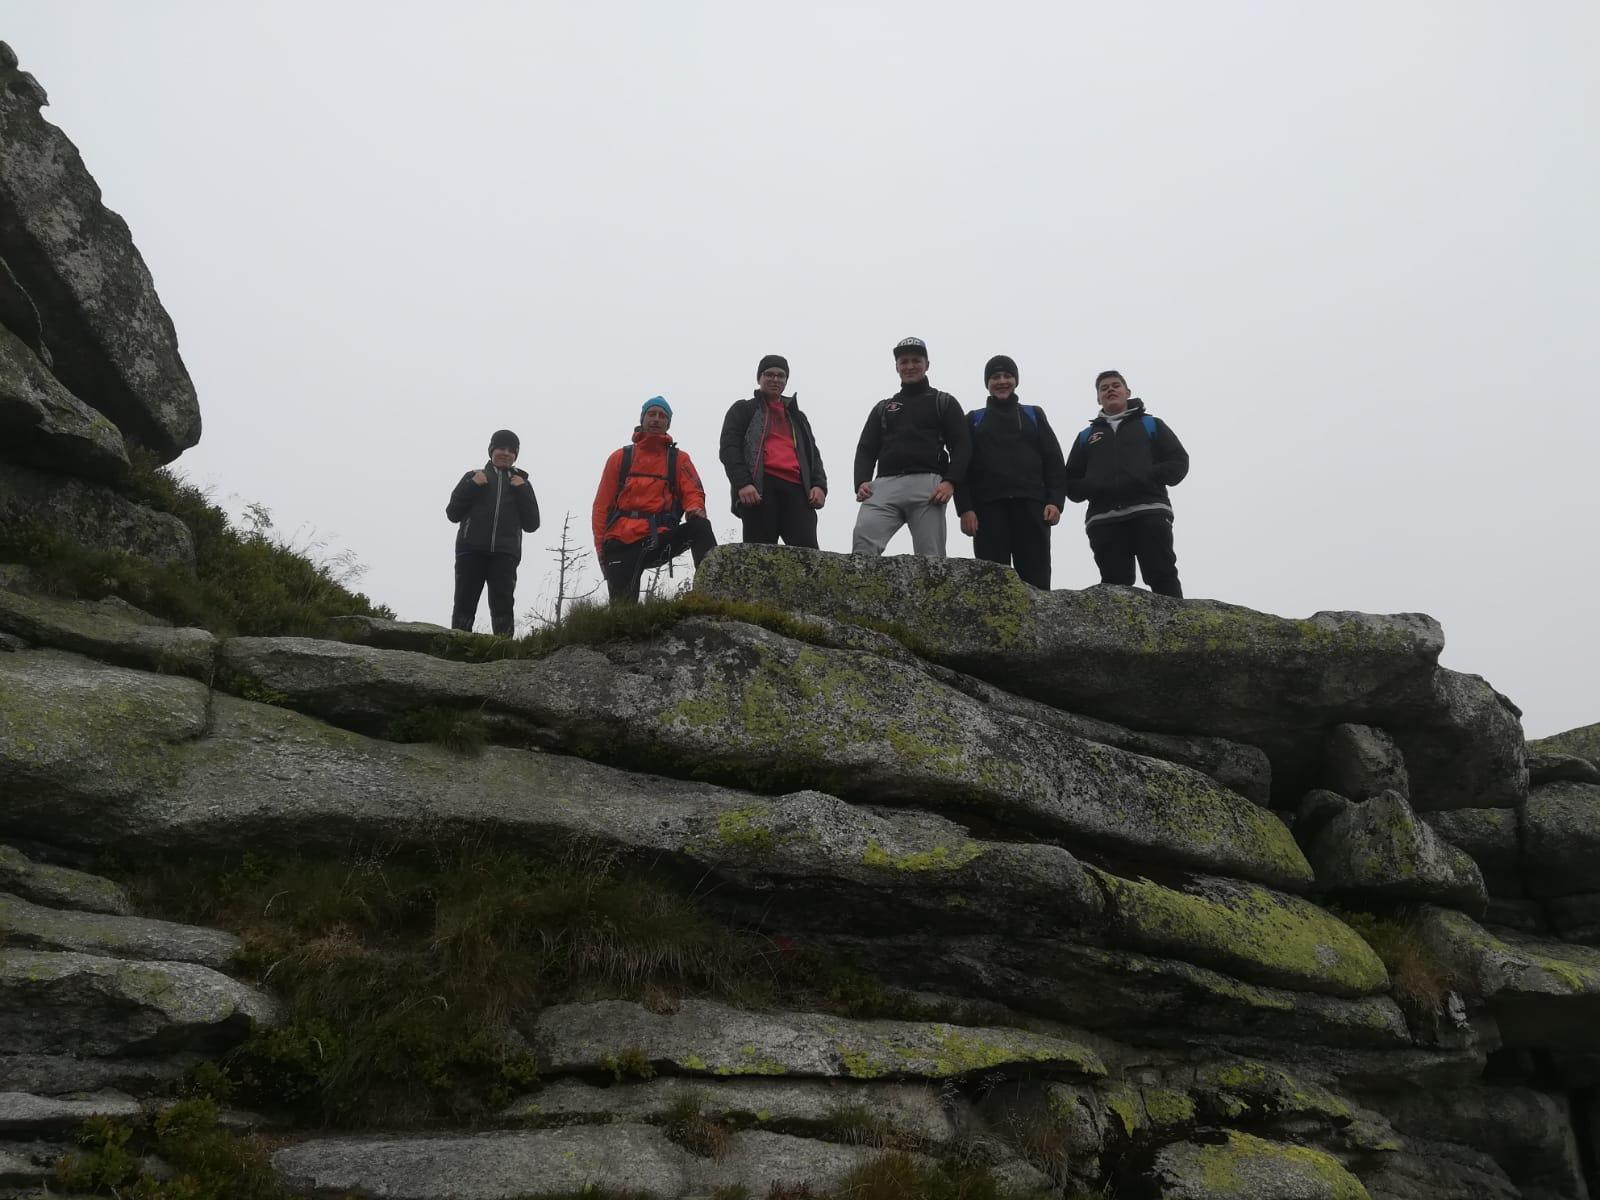 Wanderung - Gruppenbild